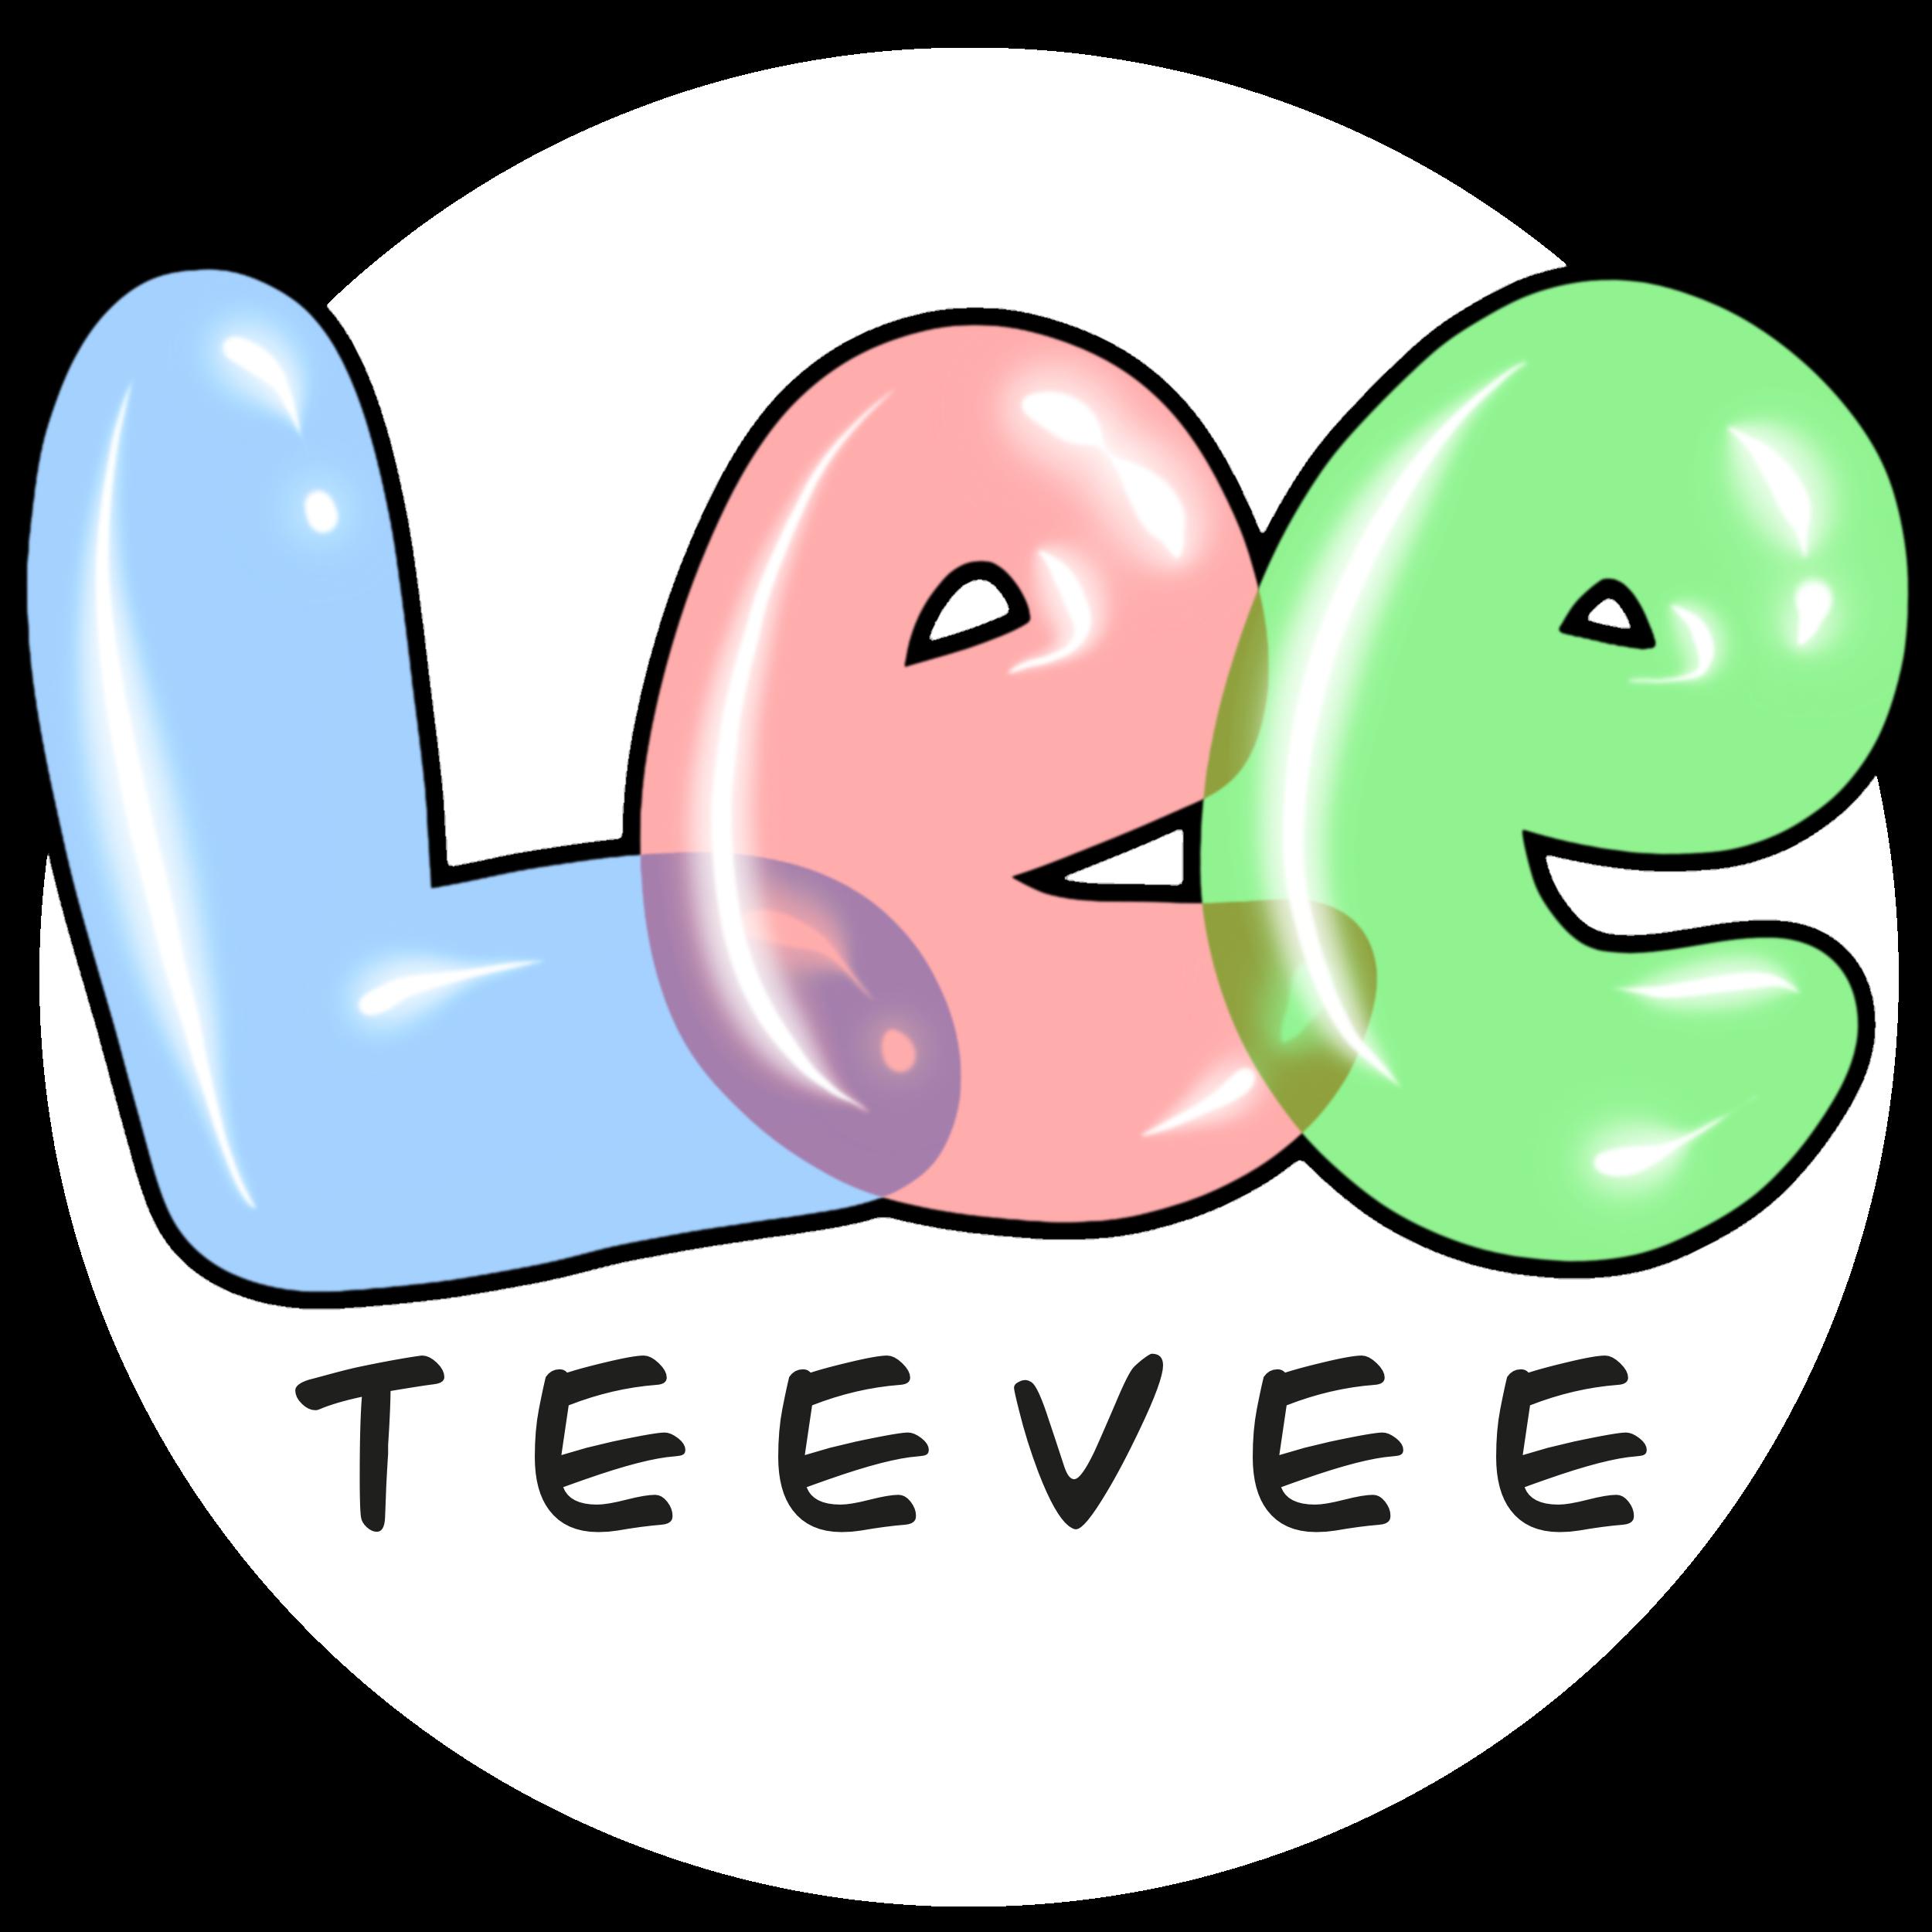 Lee TeeVee logo